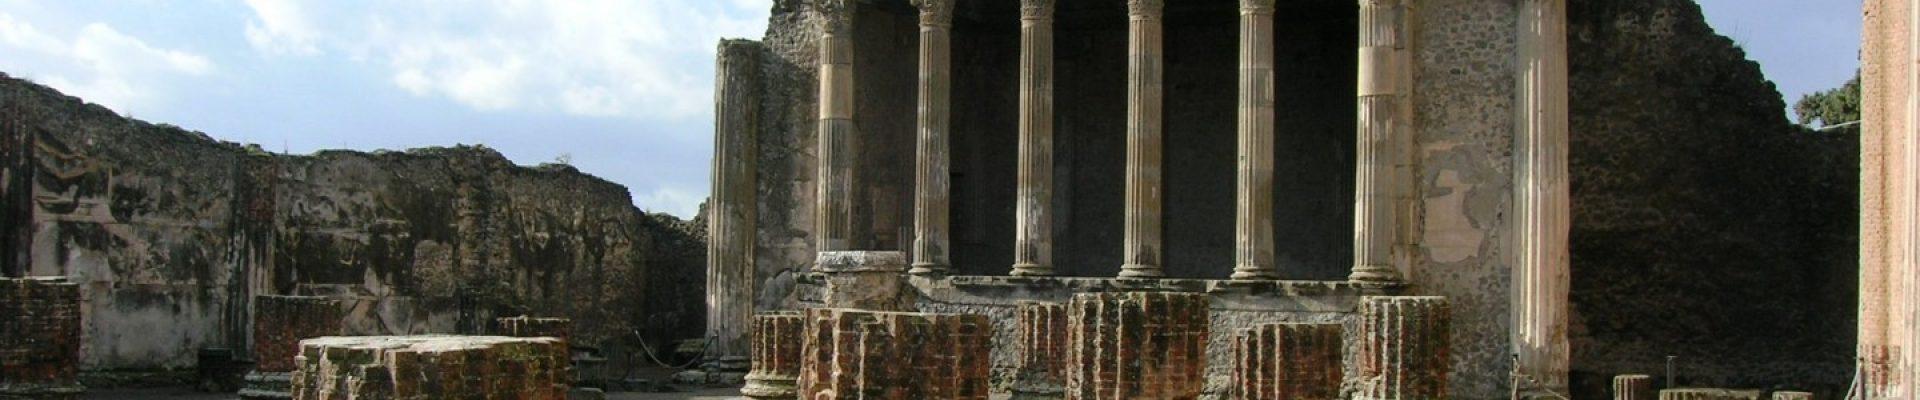 Basilica_Pompei_9